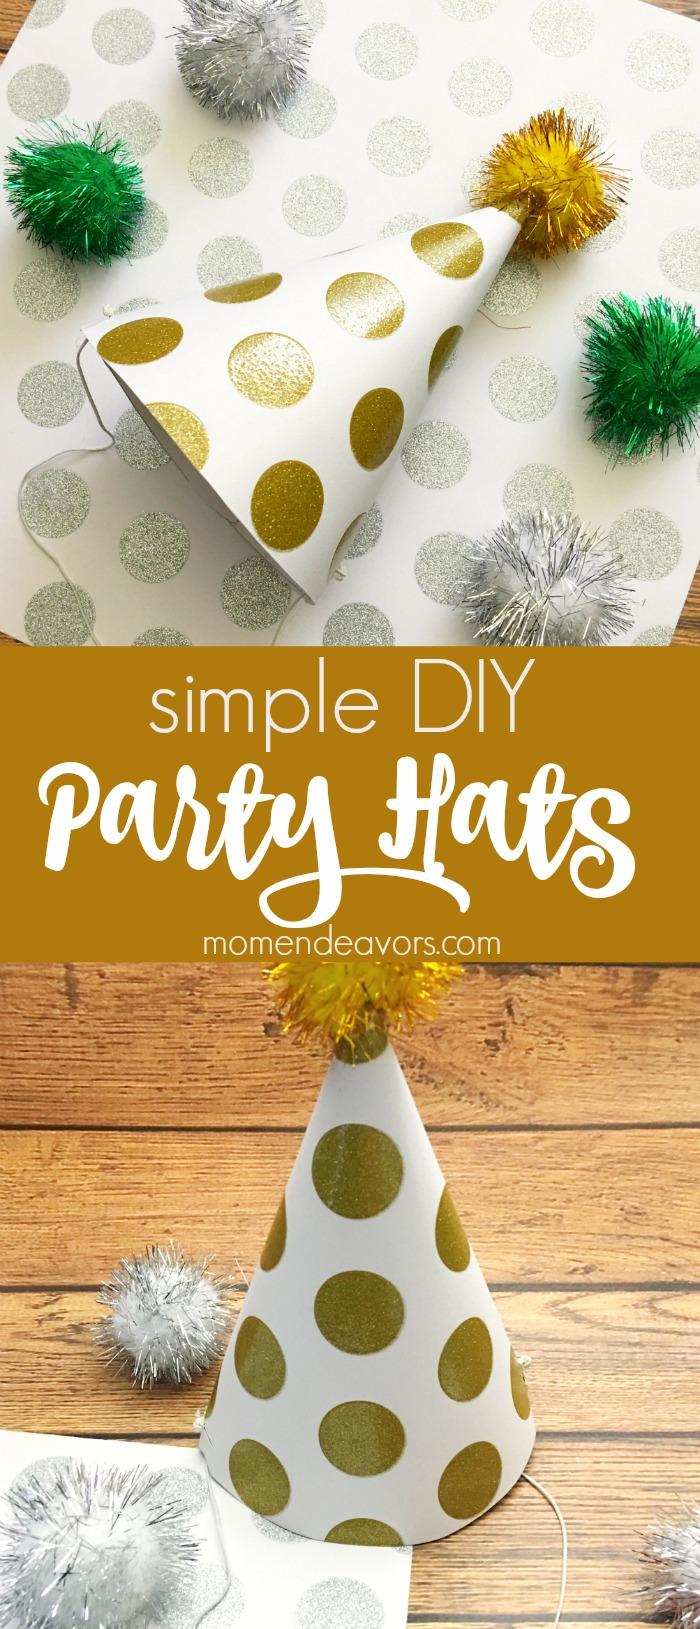 Simple DIY Party Hats